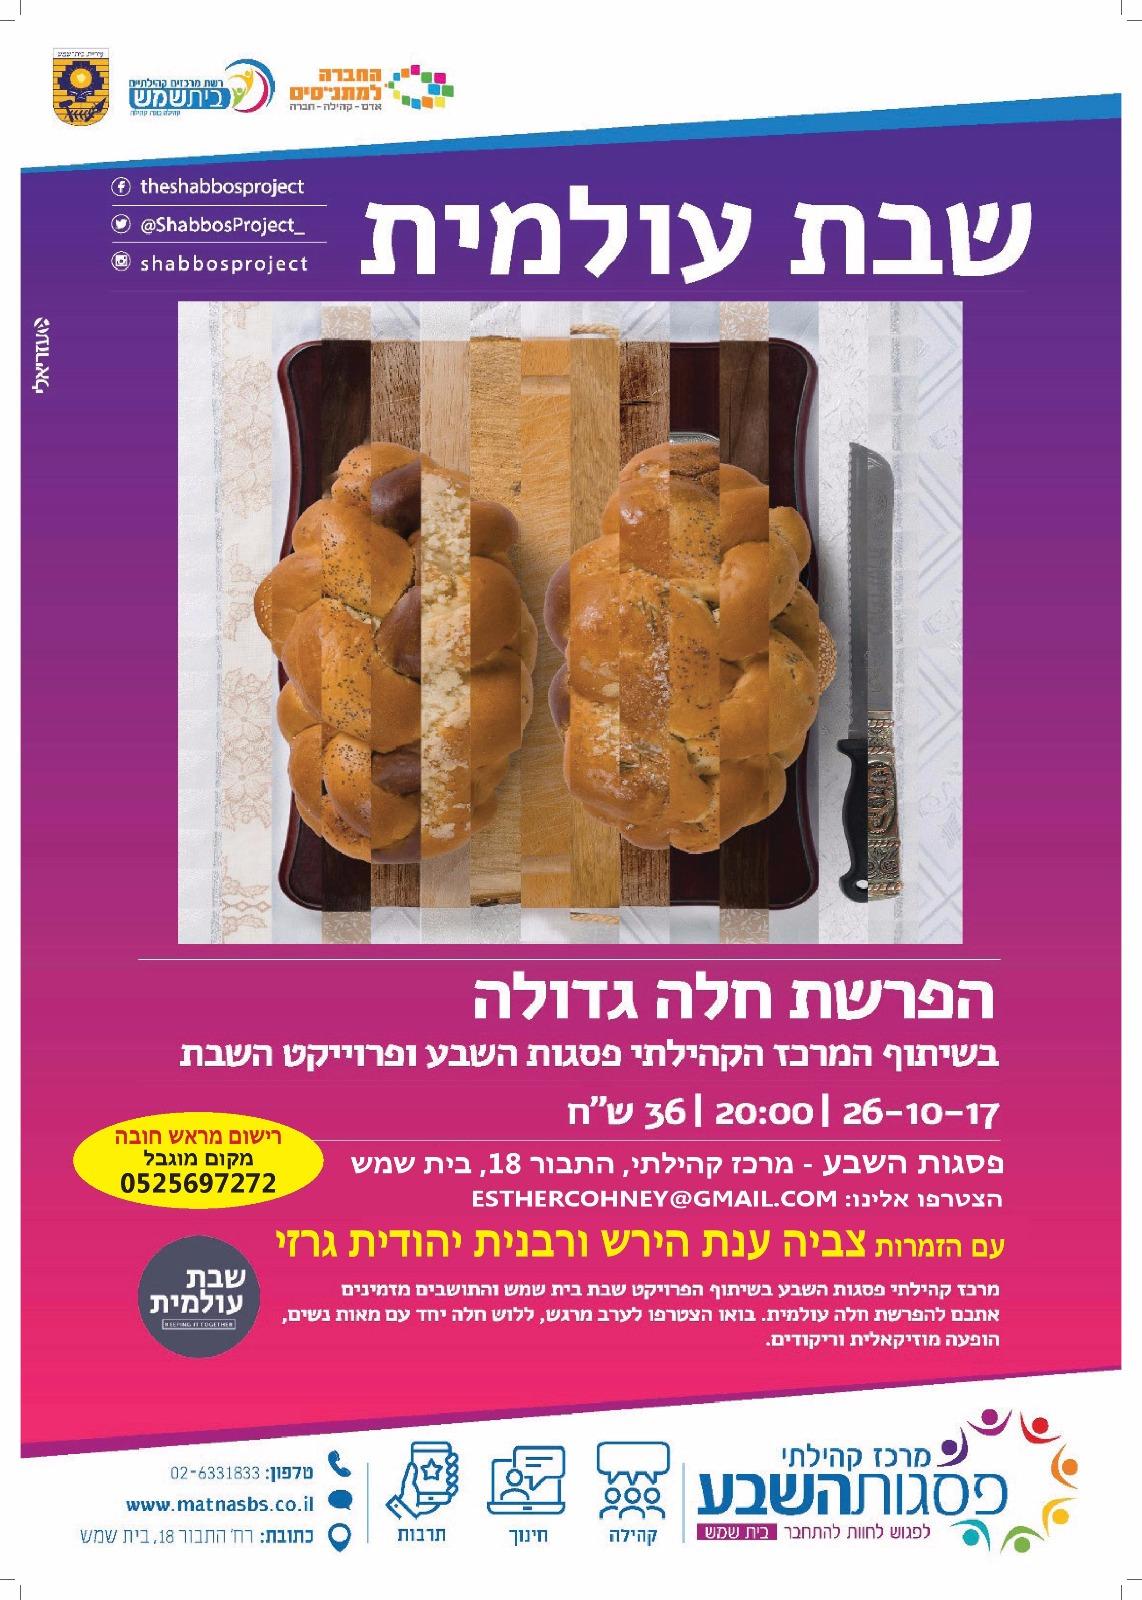 הפרשת חלה עברית